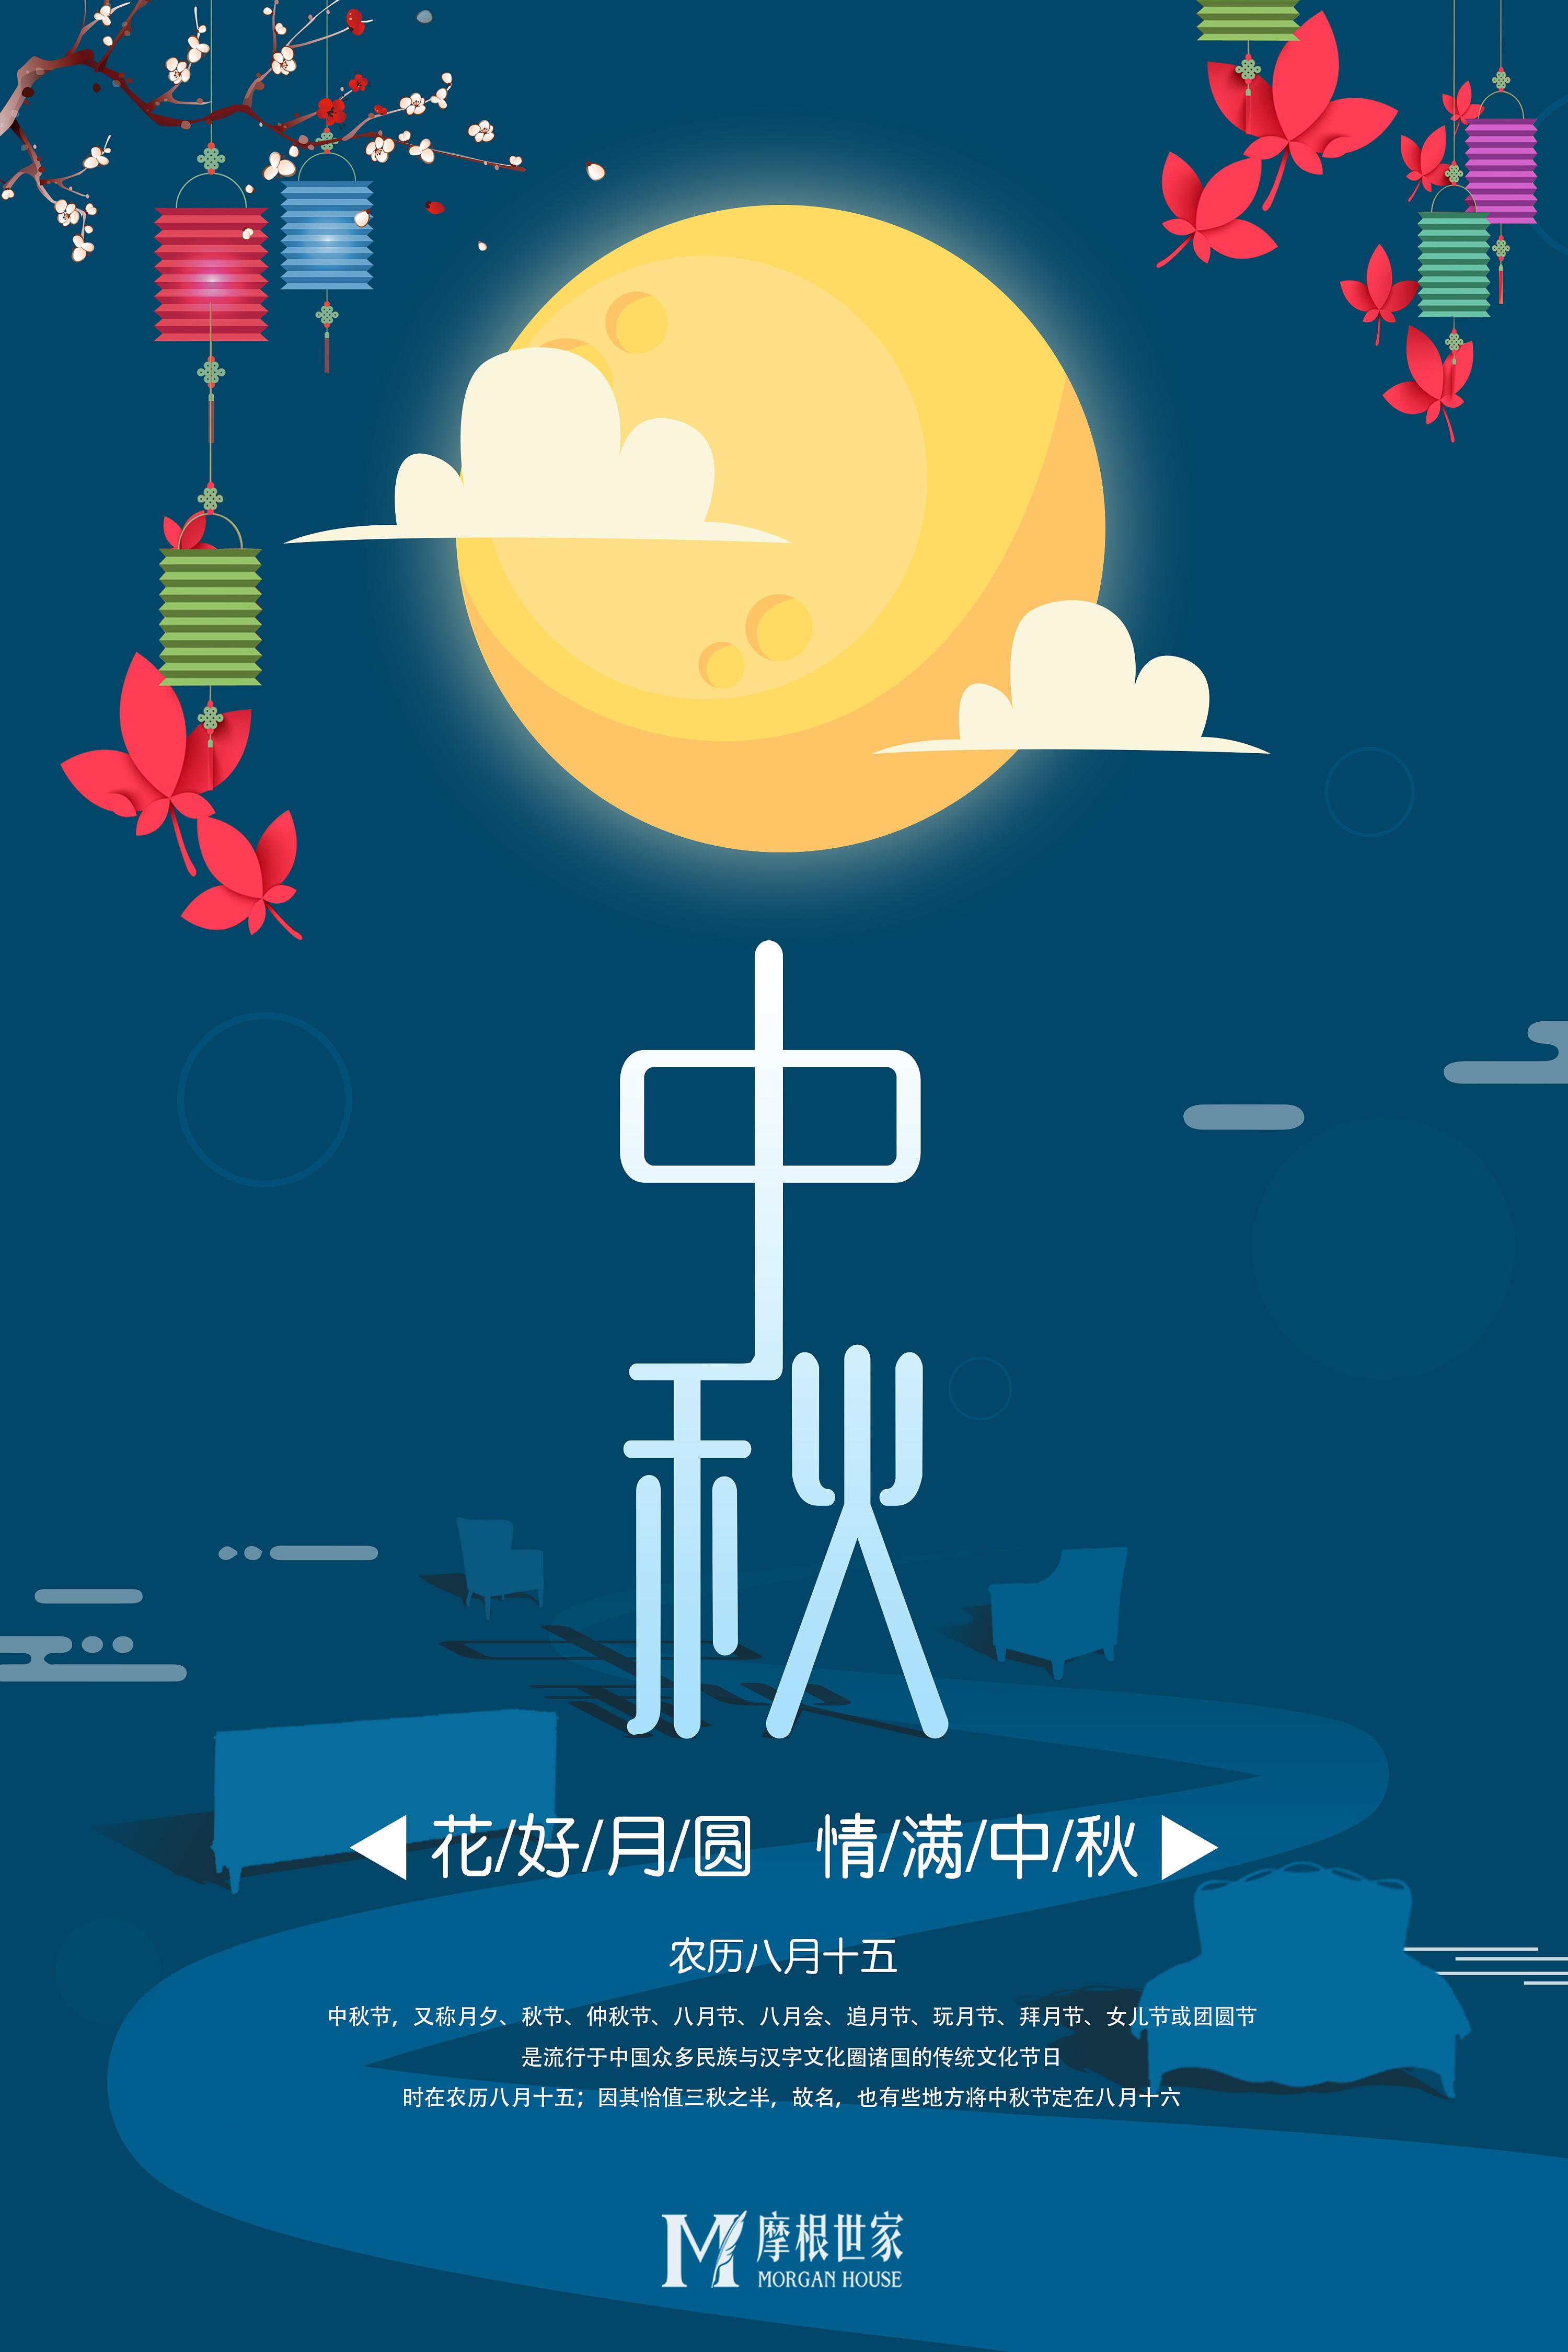 家具公司中秋节海报图片